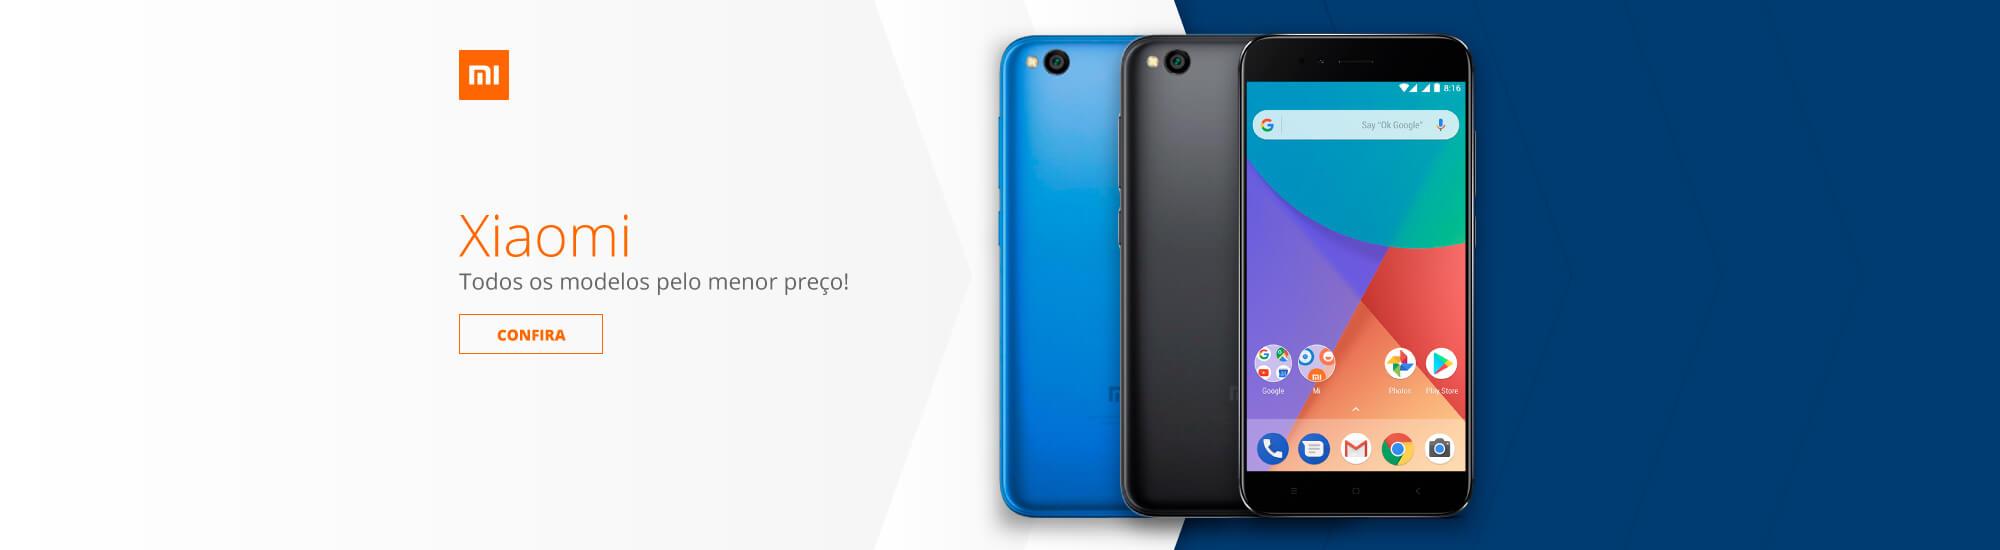 Xiaomi: Todos os modelos pelo menor preço!